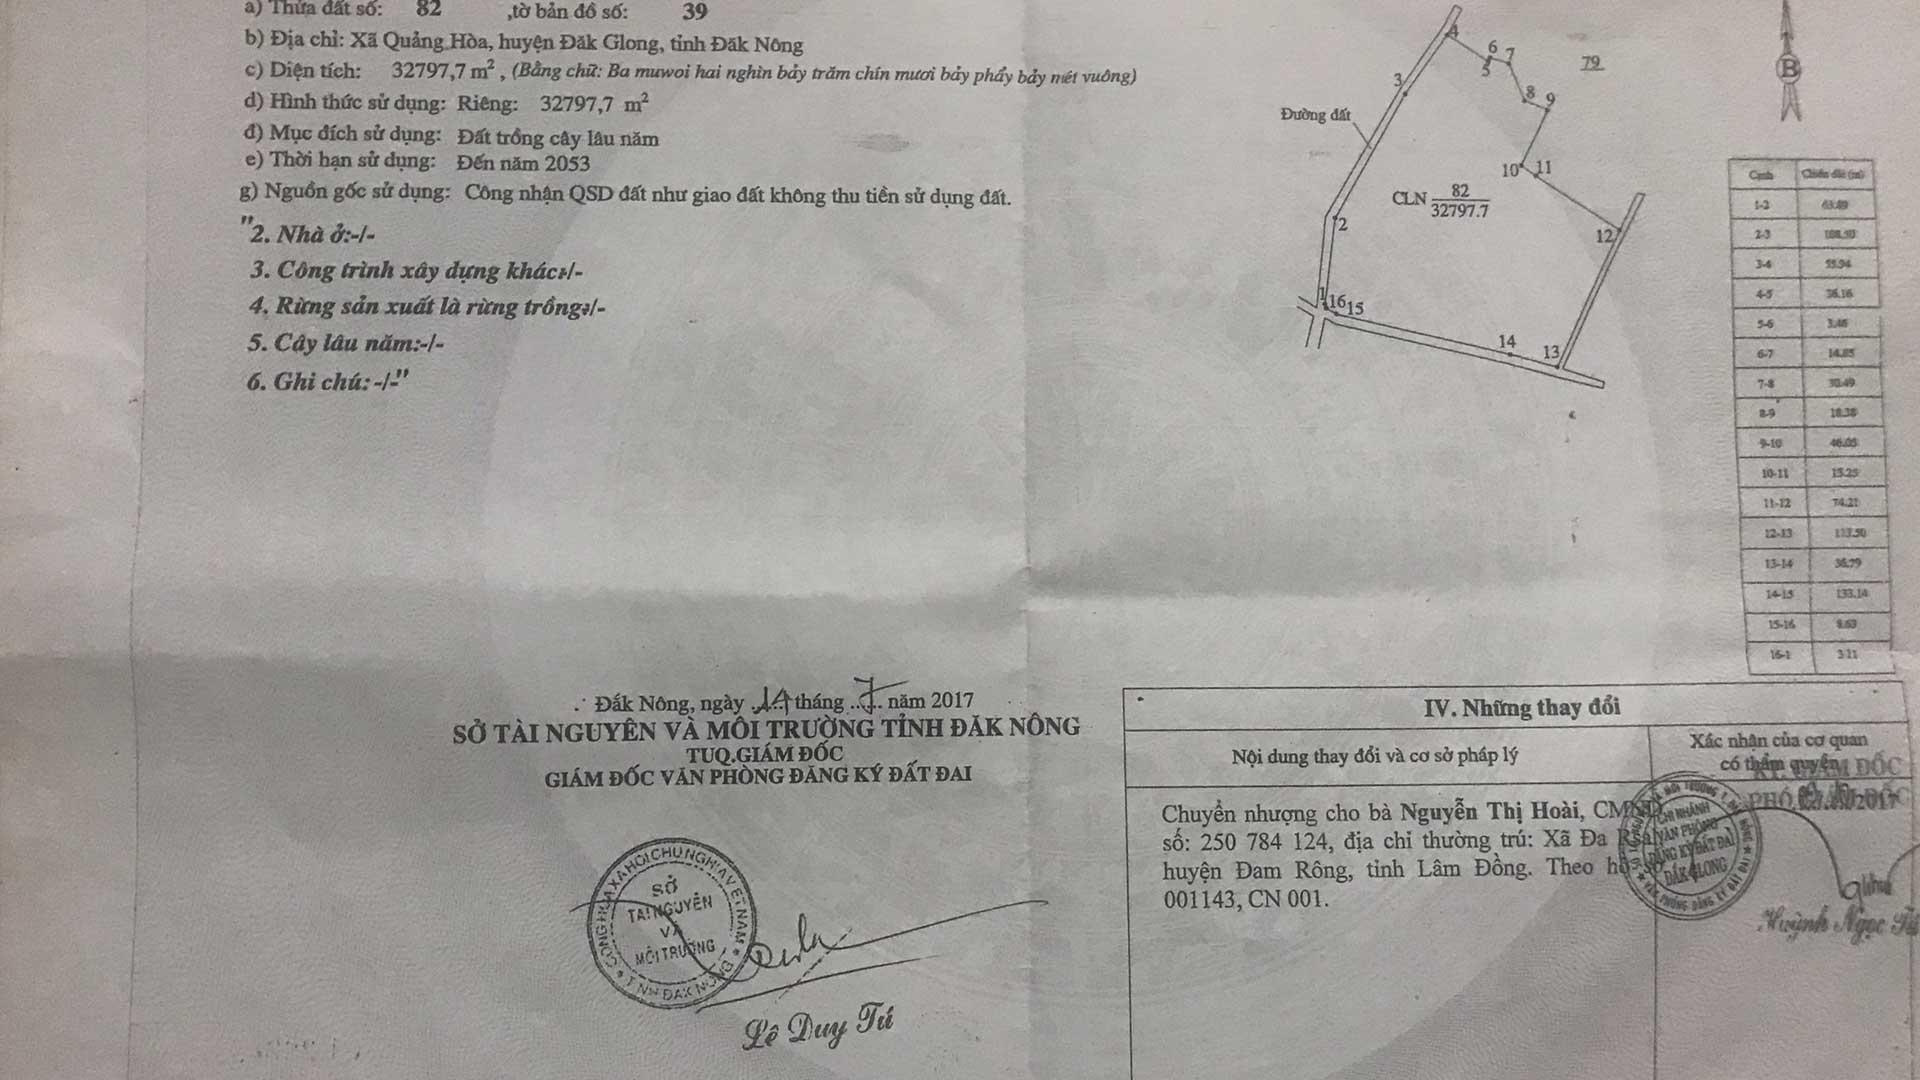 Mua Bán RẪY TRỒNG SẦU RIÊNG,LÀM VƯỜN Xã Quảng Hòa, huyện Đăk Glong , tỉnh Đăk Nông